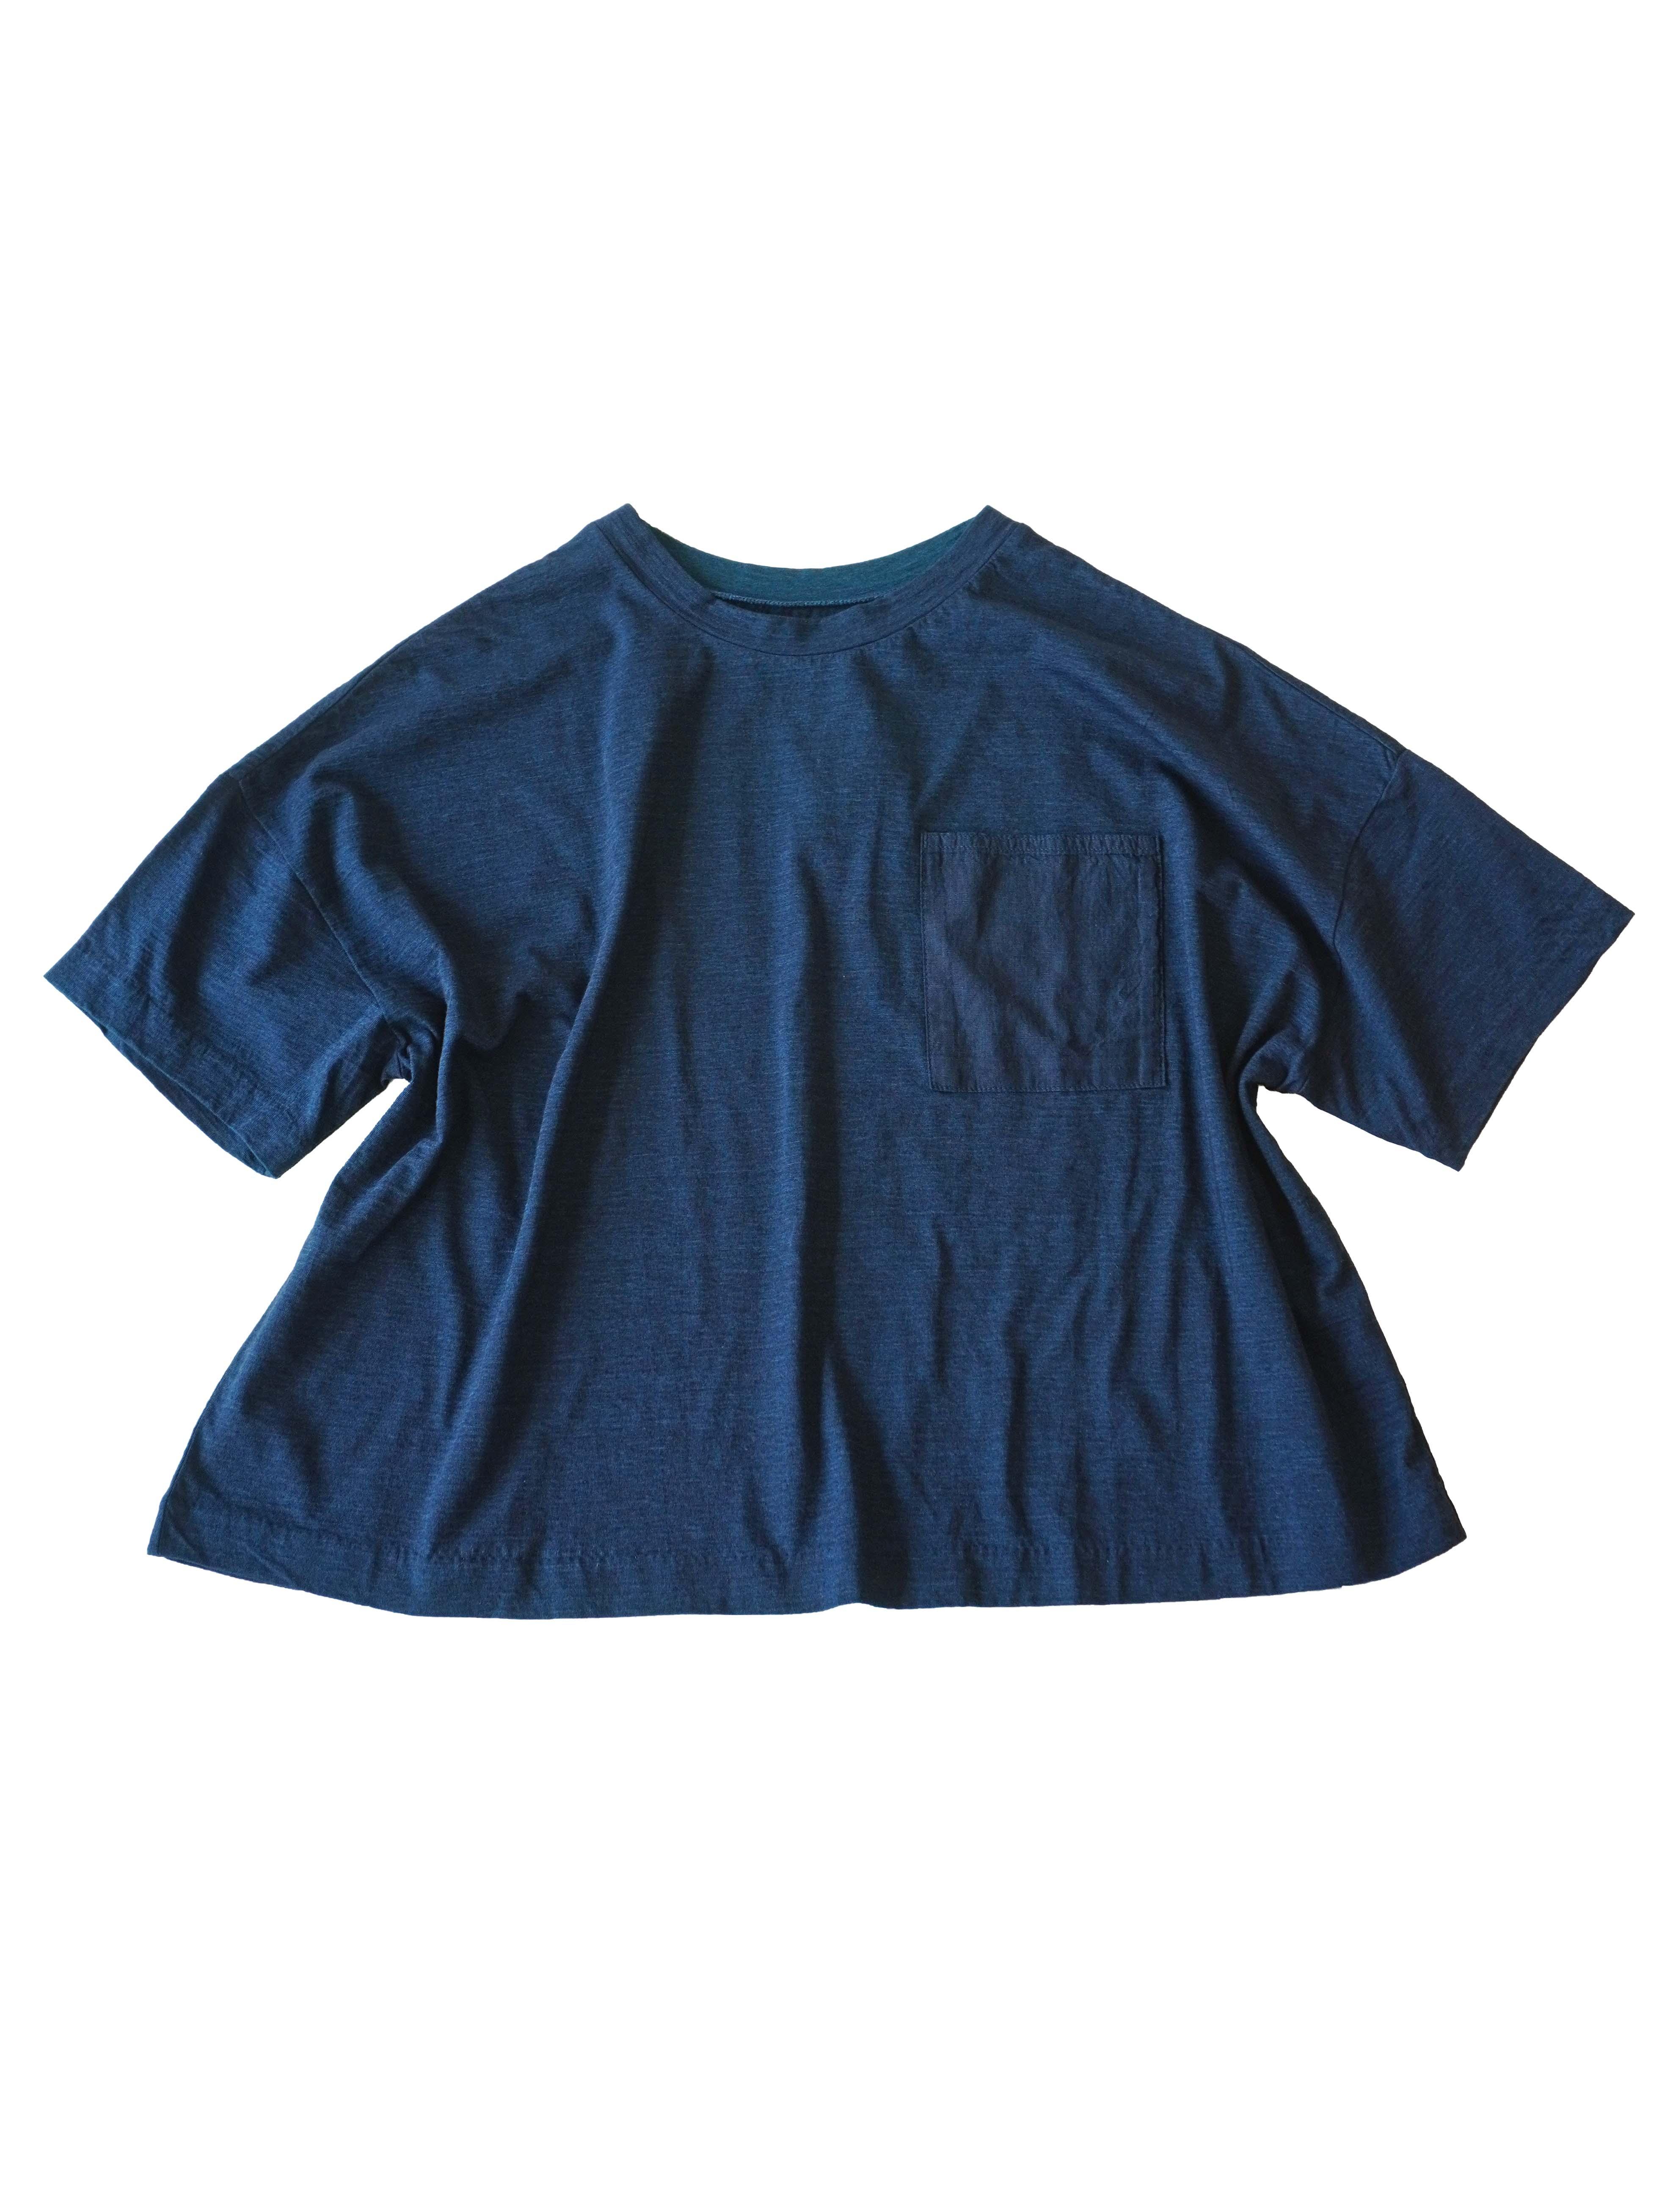 PP38.5インディゴ天竺オーバーTシャツ